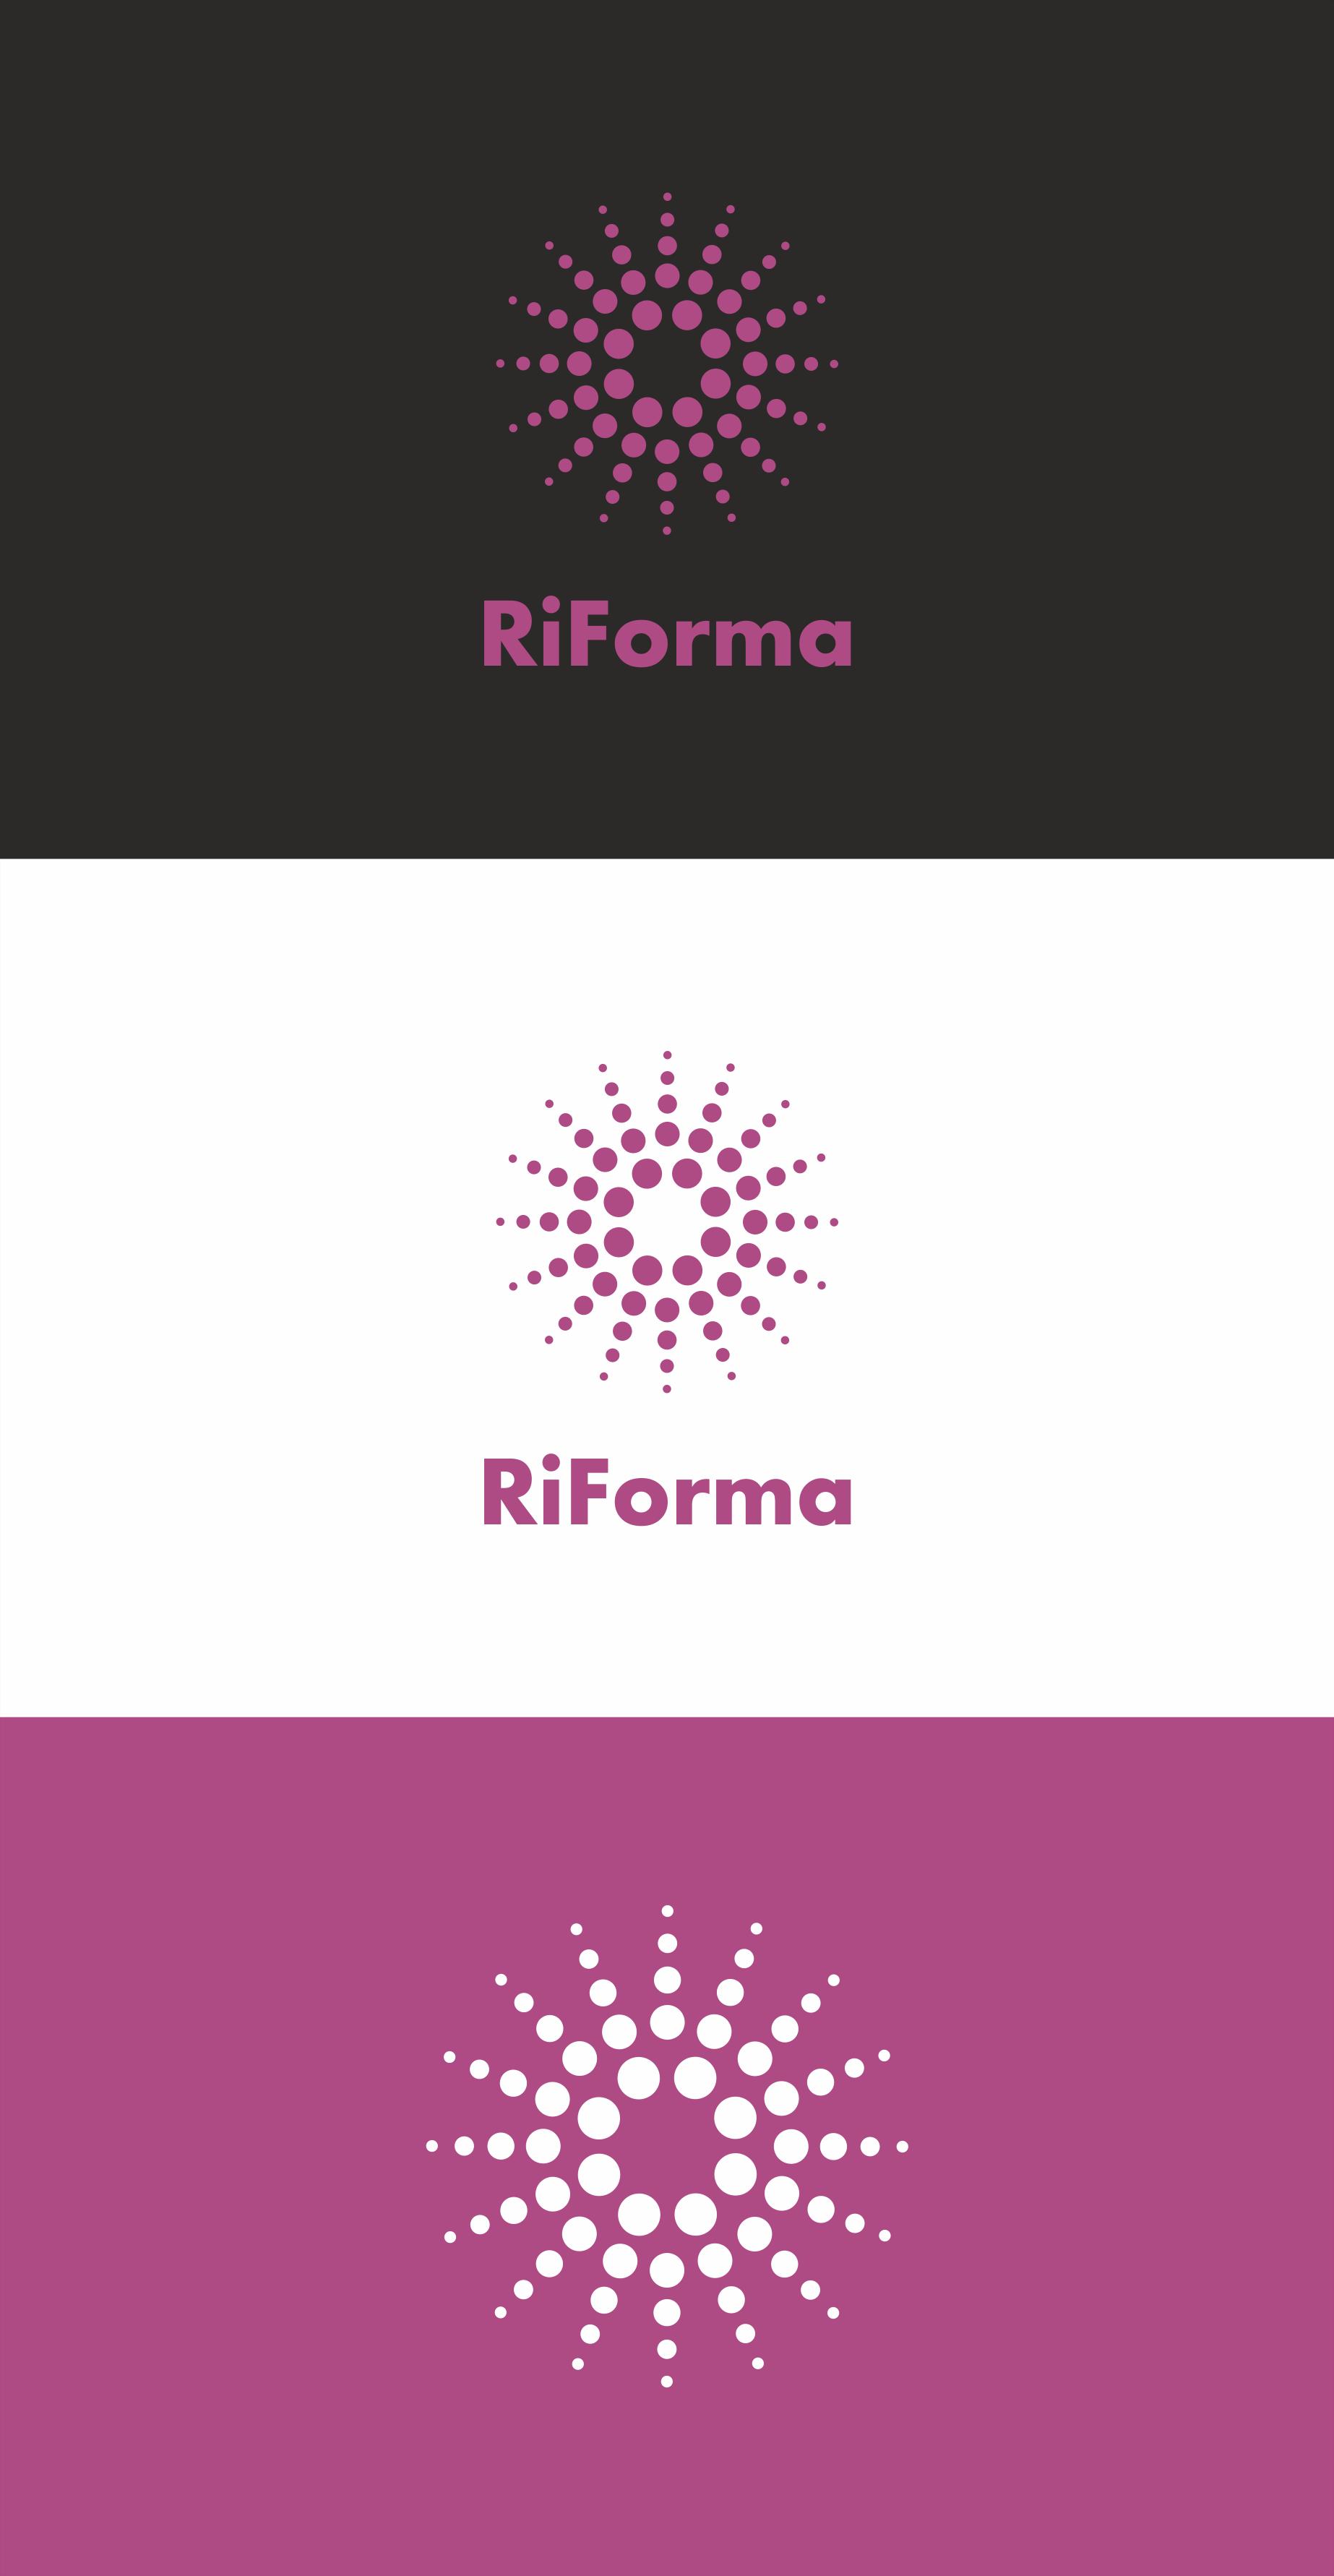 Разработка логотипа и элементов фирменного стиля фото f_561579e2614e4d8a.png